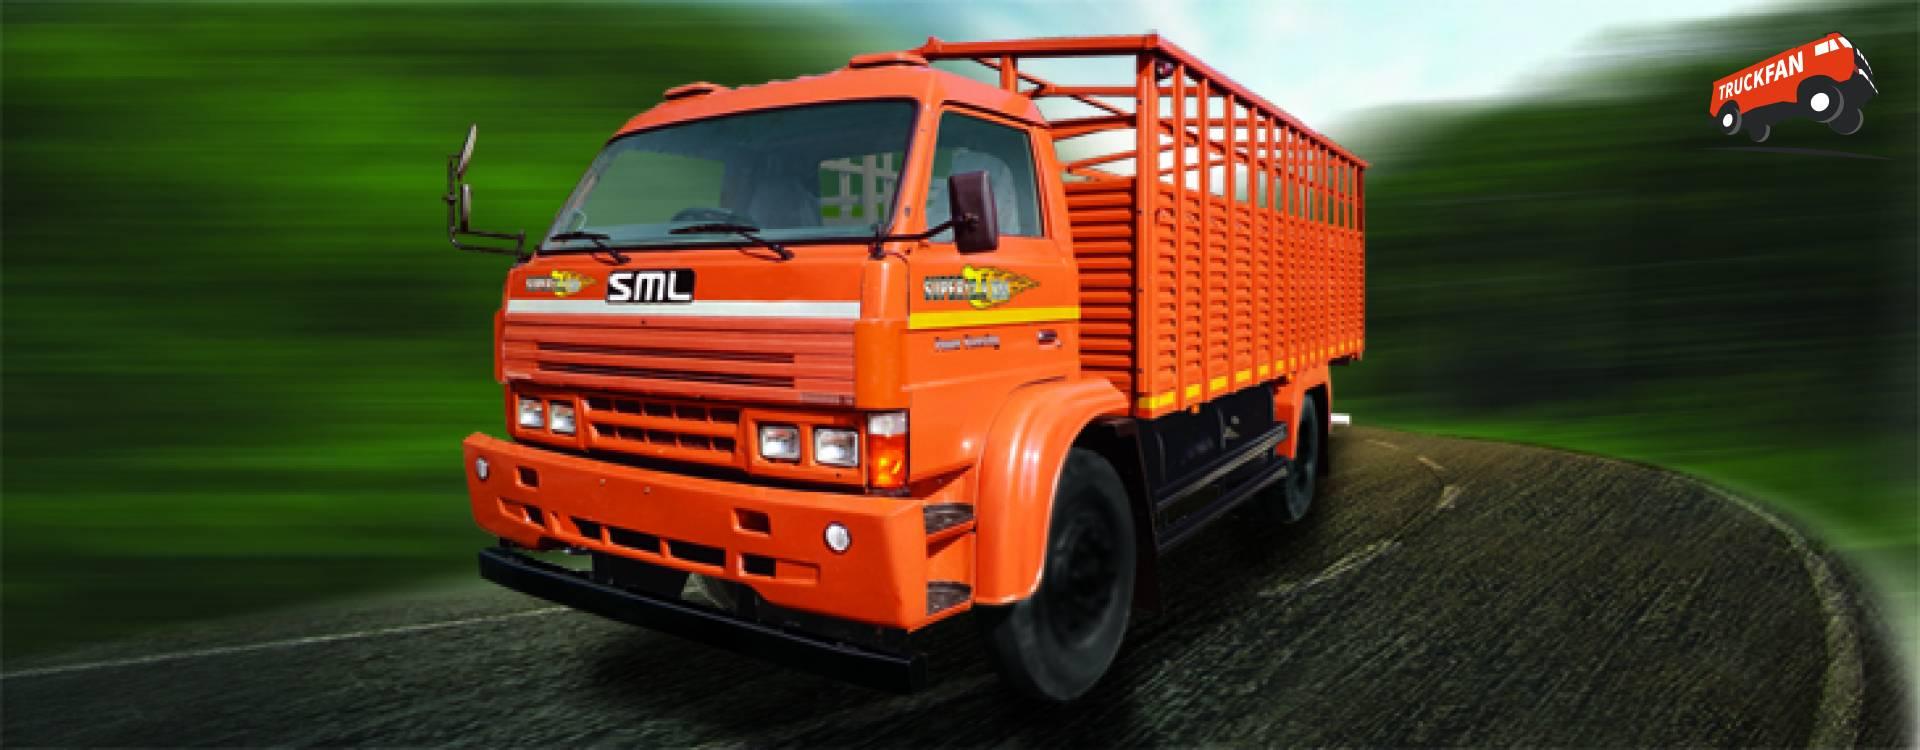 SML Super 12.9 XM